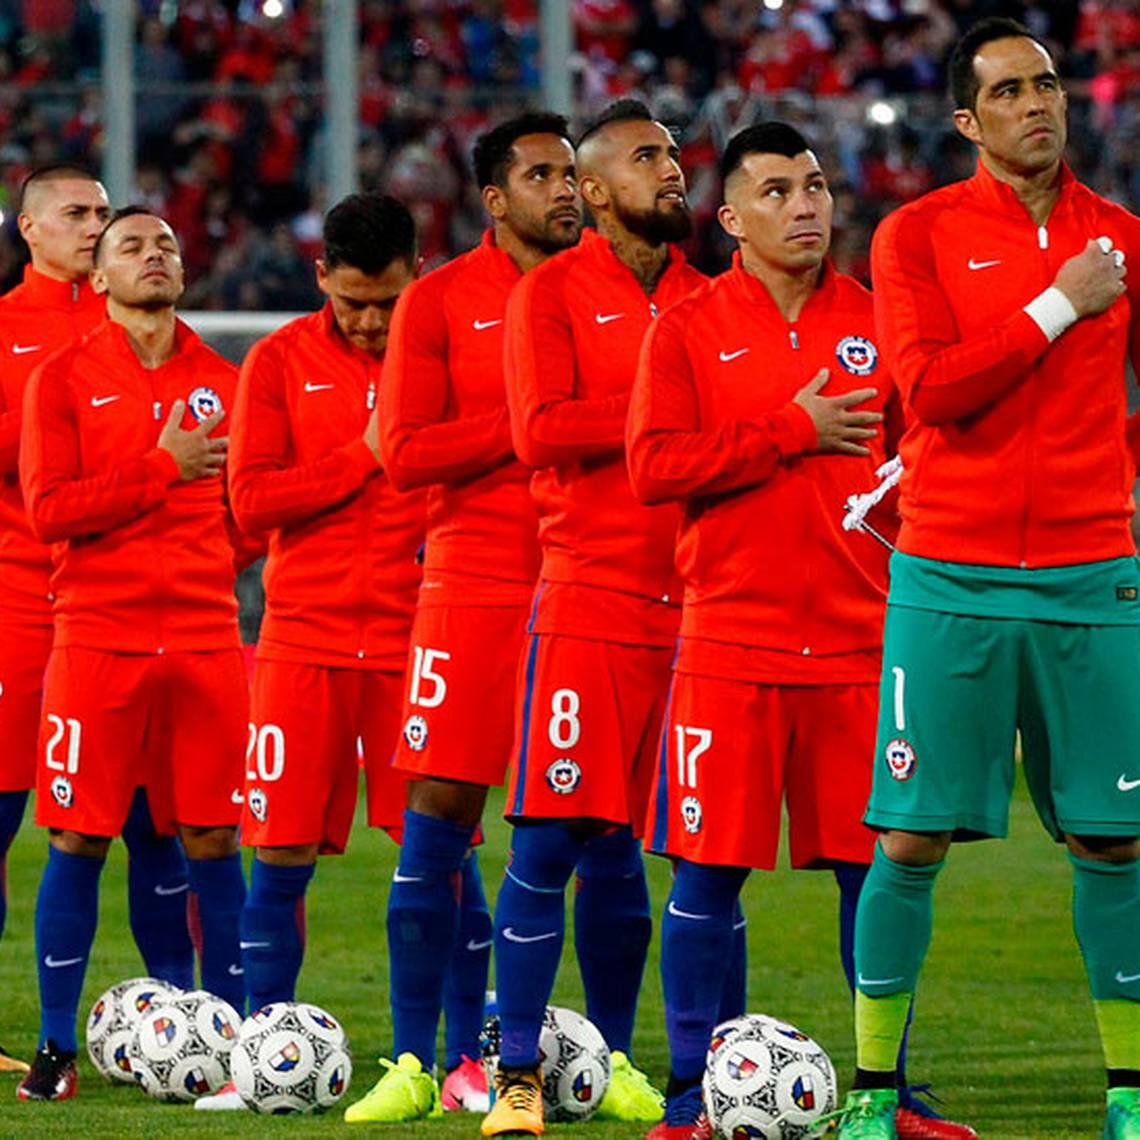 ¡Vamos Chile! Así se vivió el himno en el Estadio Monumental